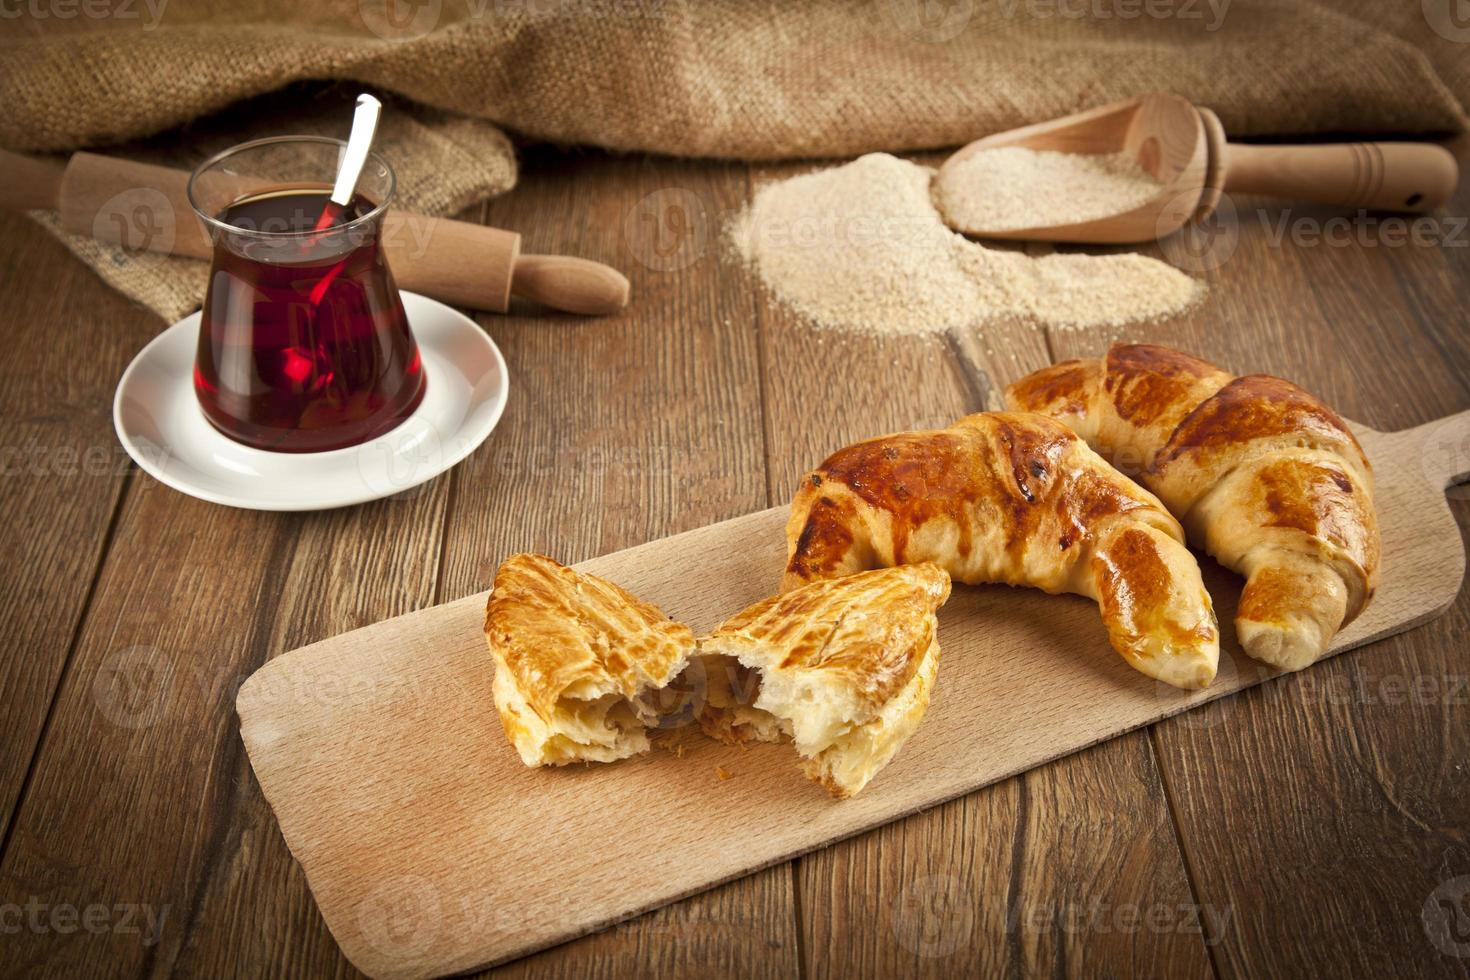 pogaca au fromage turc typique avec plaque de bois et thé noir photo